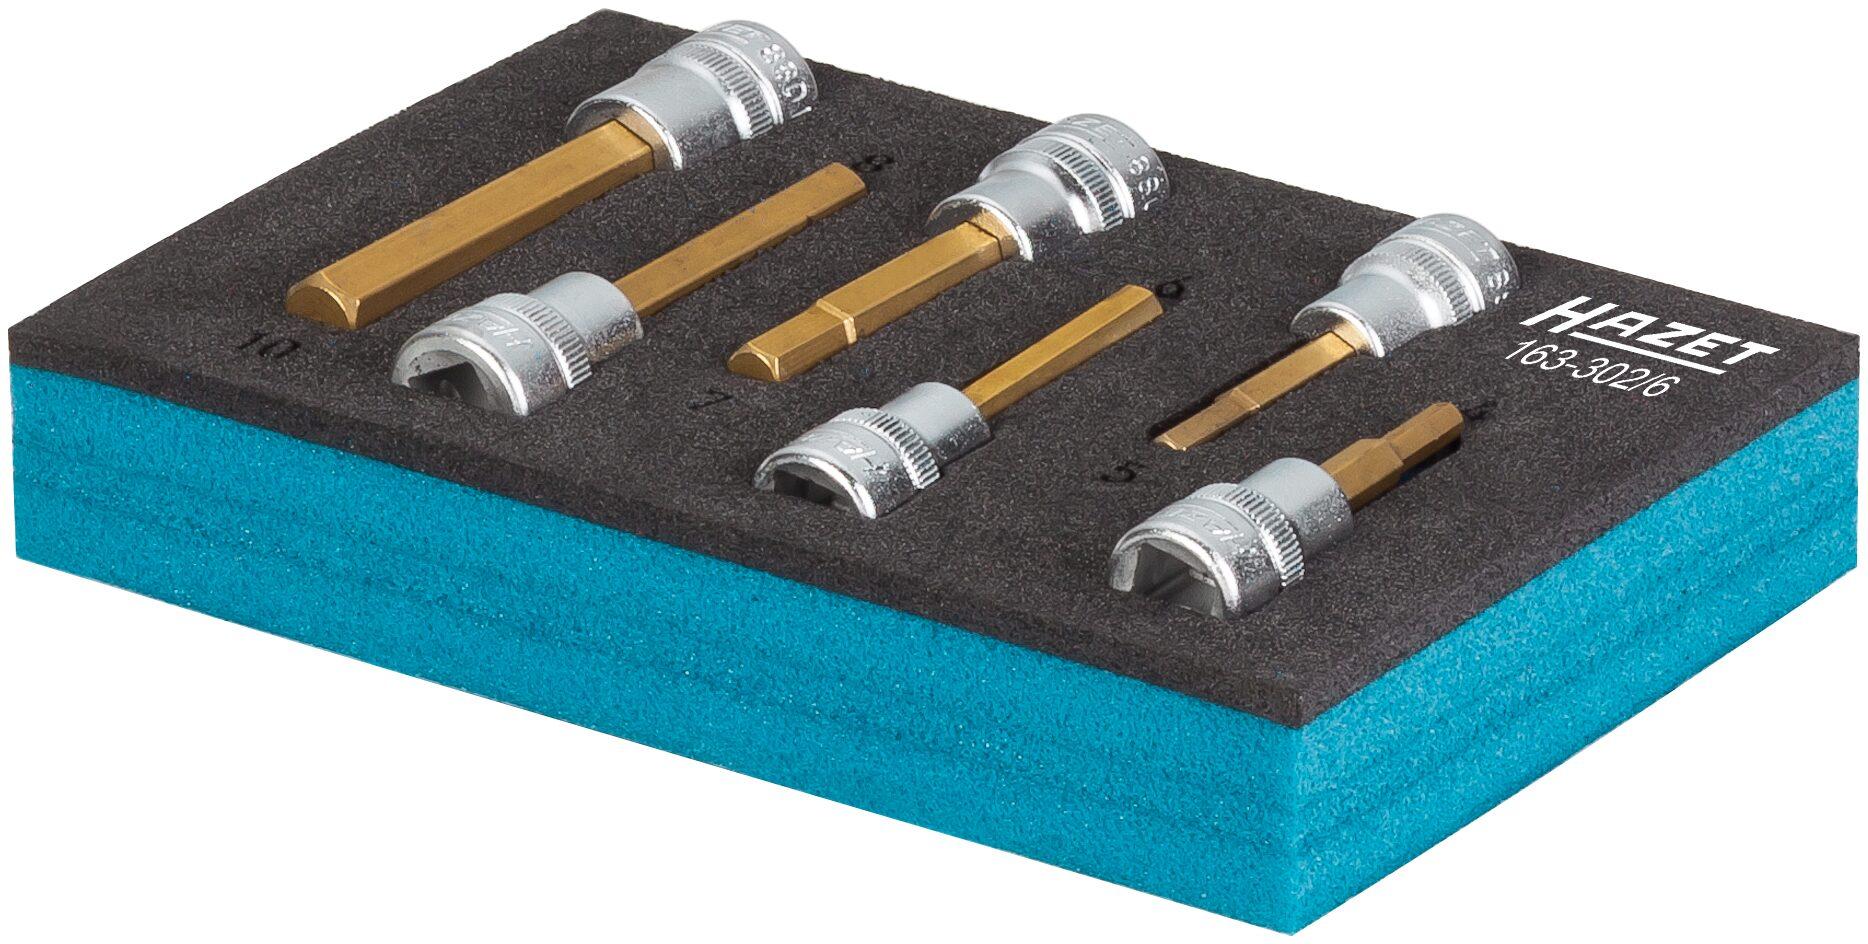 HAZET Schraubendreher-Steckschlüsseleinsatz Satz 163-302/6 ∙ Vierkant hohl 10 mm (3/8 Zoll) ∙ Innen-Sechskant Profil